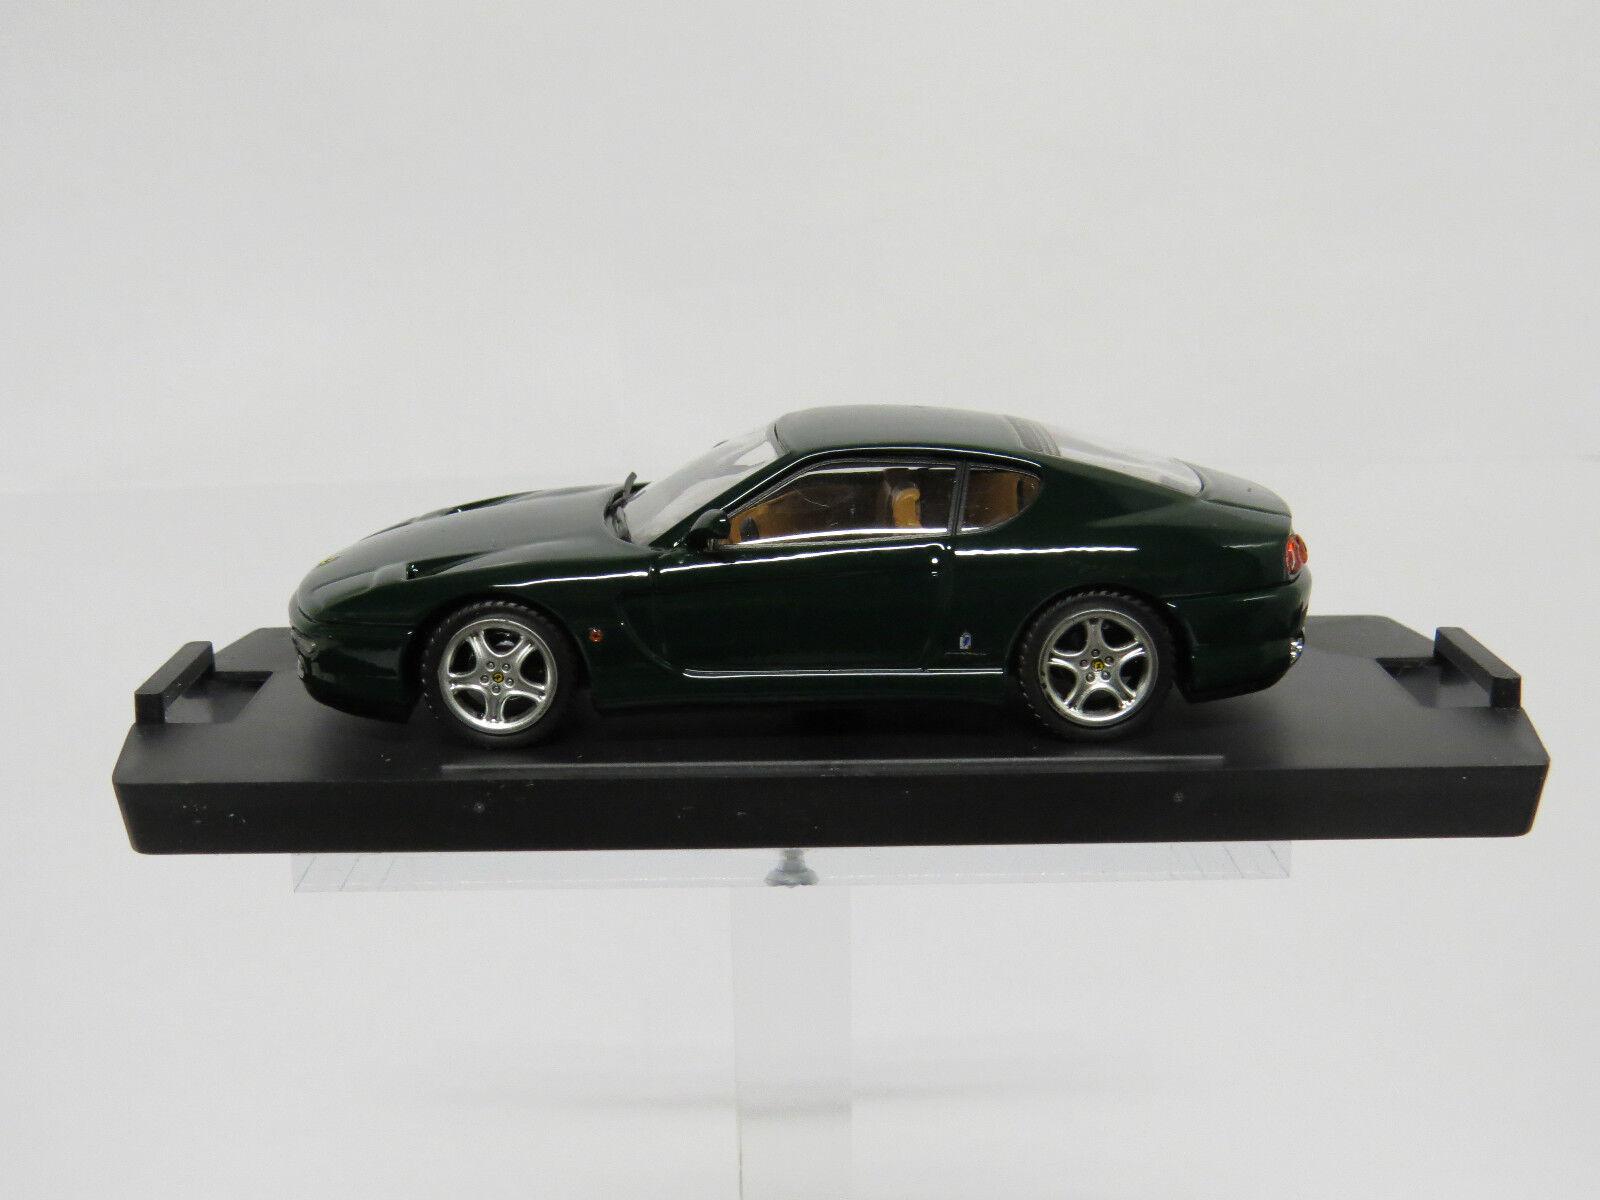 La Mini Miniera Ferrari 456 GT  Prins Bernhard  1 43 PR510